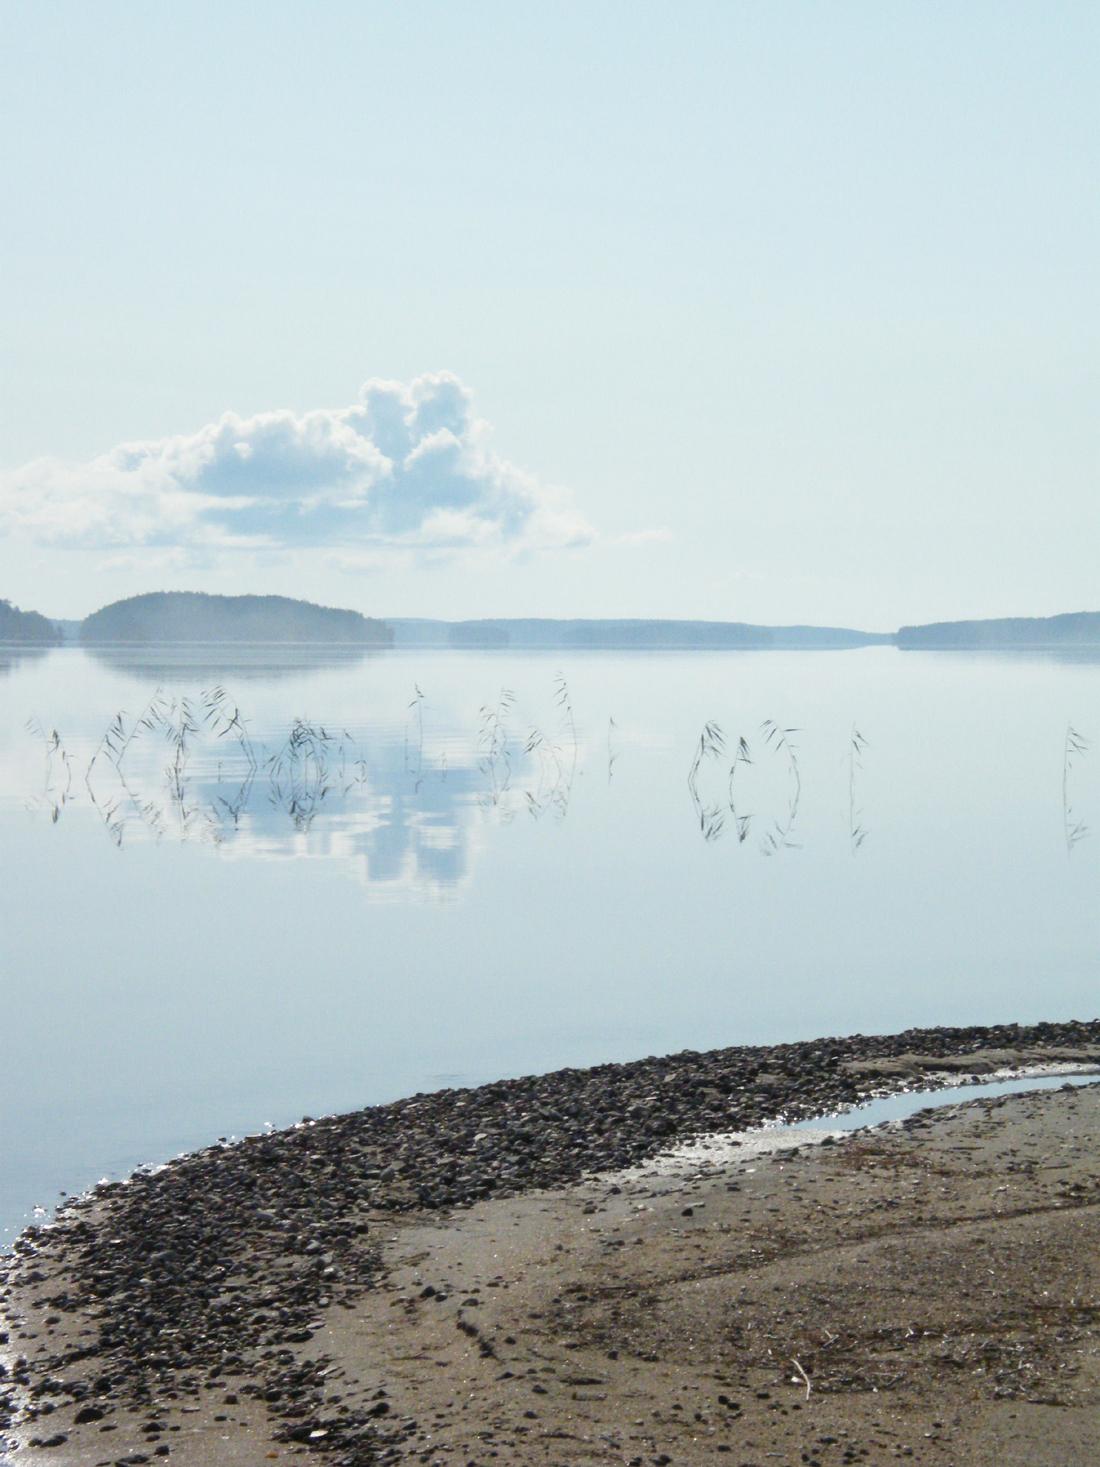 morning_mist_on_water_by_julians_derbren